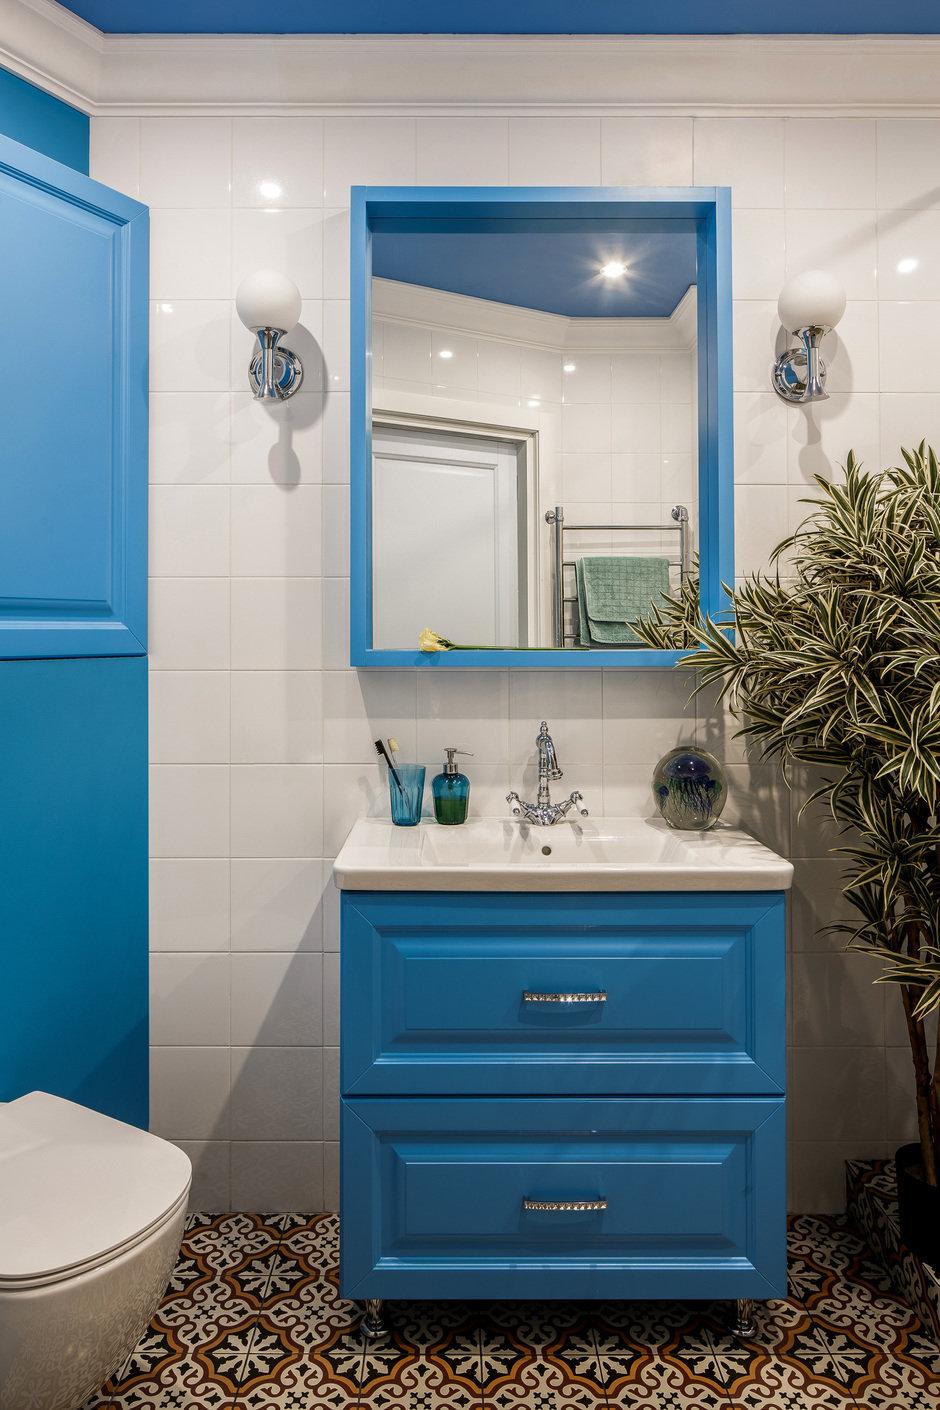 Фотография: Ванная в стиле Современный, Квартира, Проект недели, Монолитный дом, 3 комнаты, 60-90 метров, Саратов, Quadrum Studio – фото на InMyRoom.ru